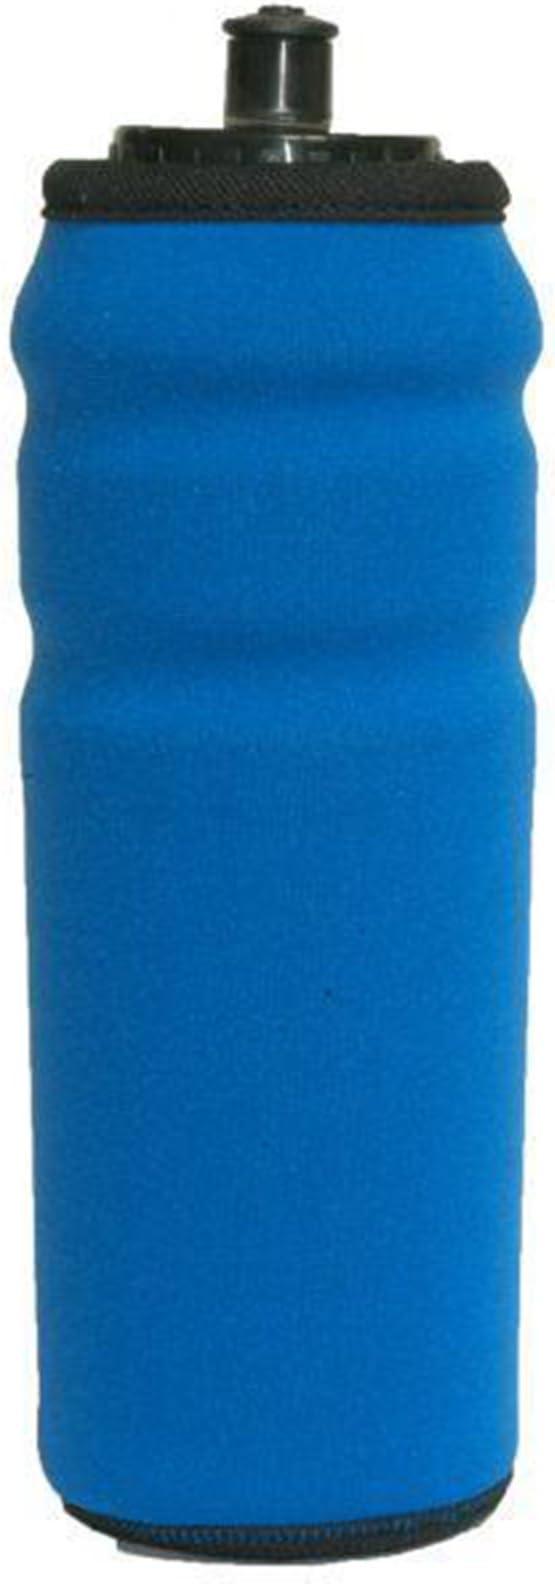 Funda de Neopreno en Color Azul para Bidon de Ciclismo de 700cc ...